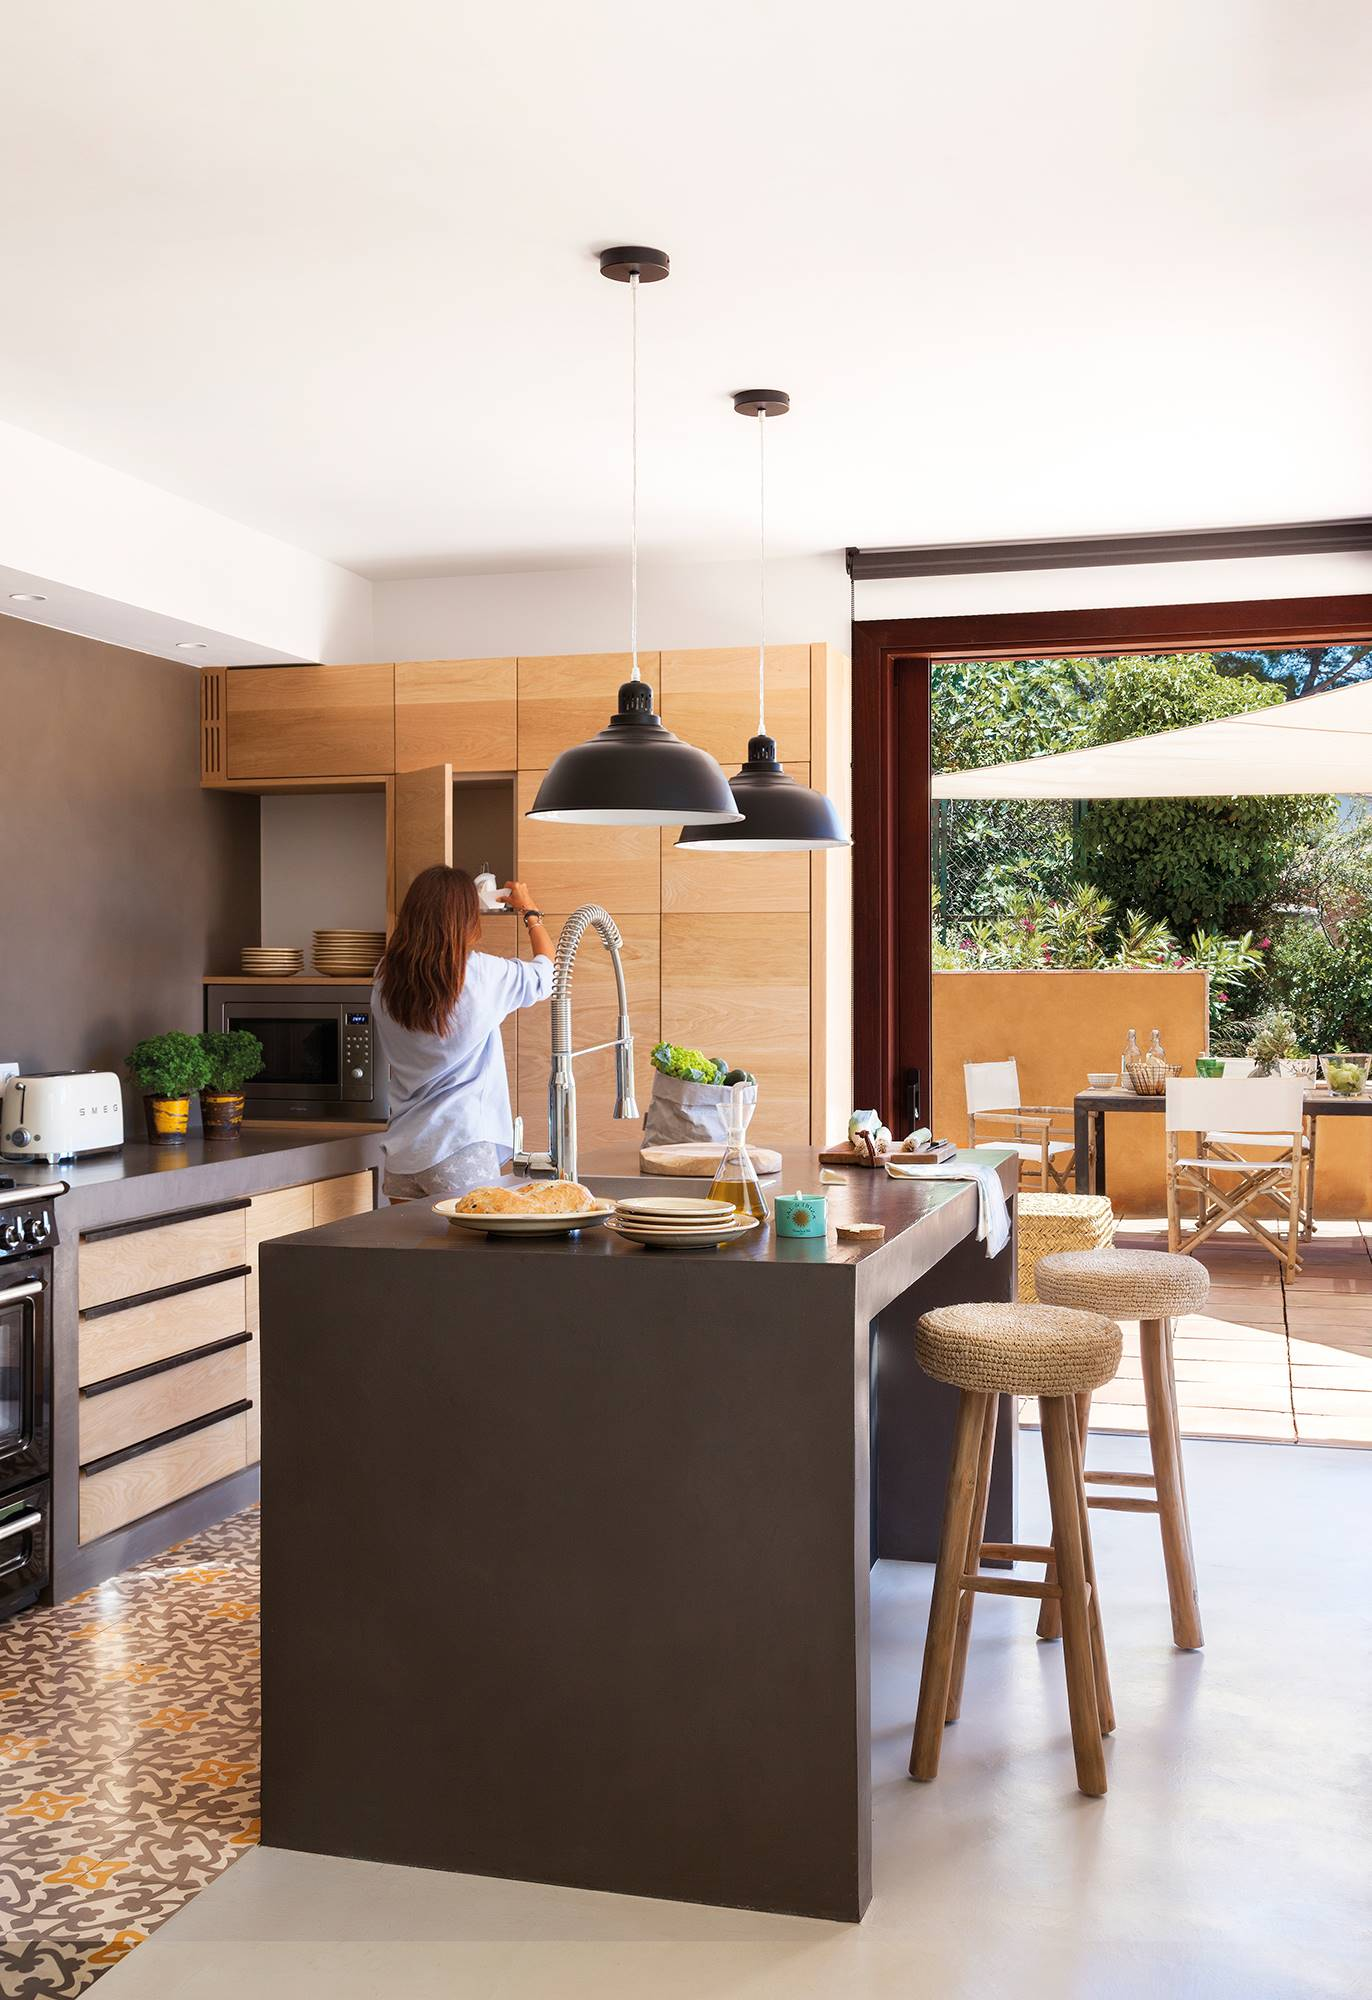 Paredes de la cocina con o sin azulejos - Encimeras madera cocina ...